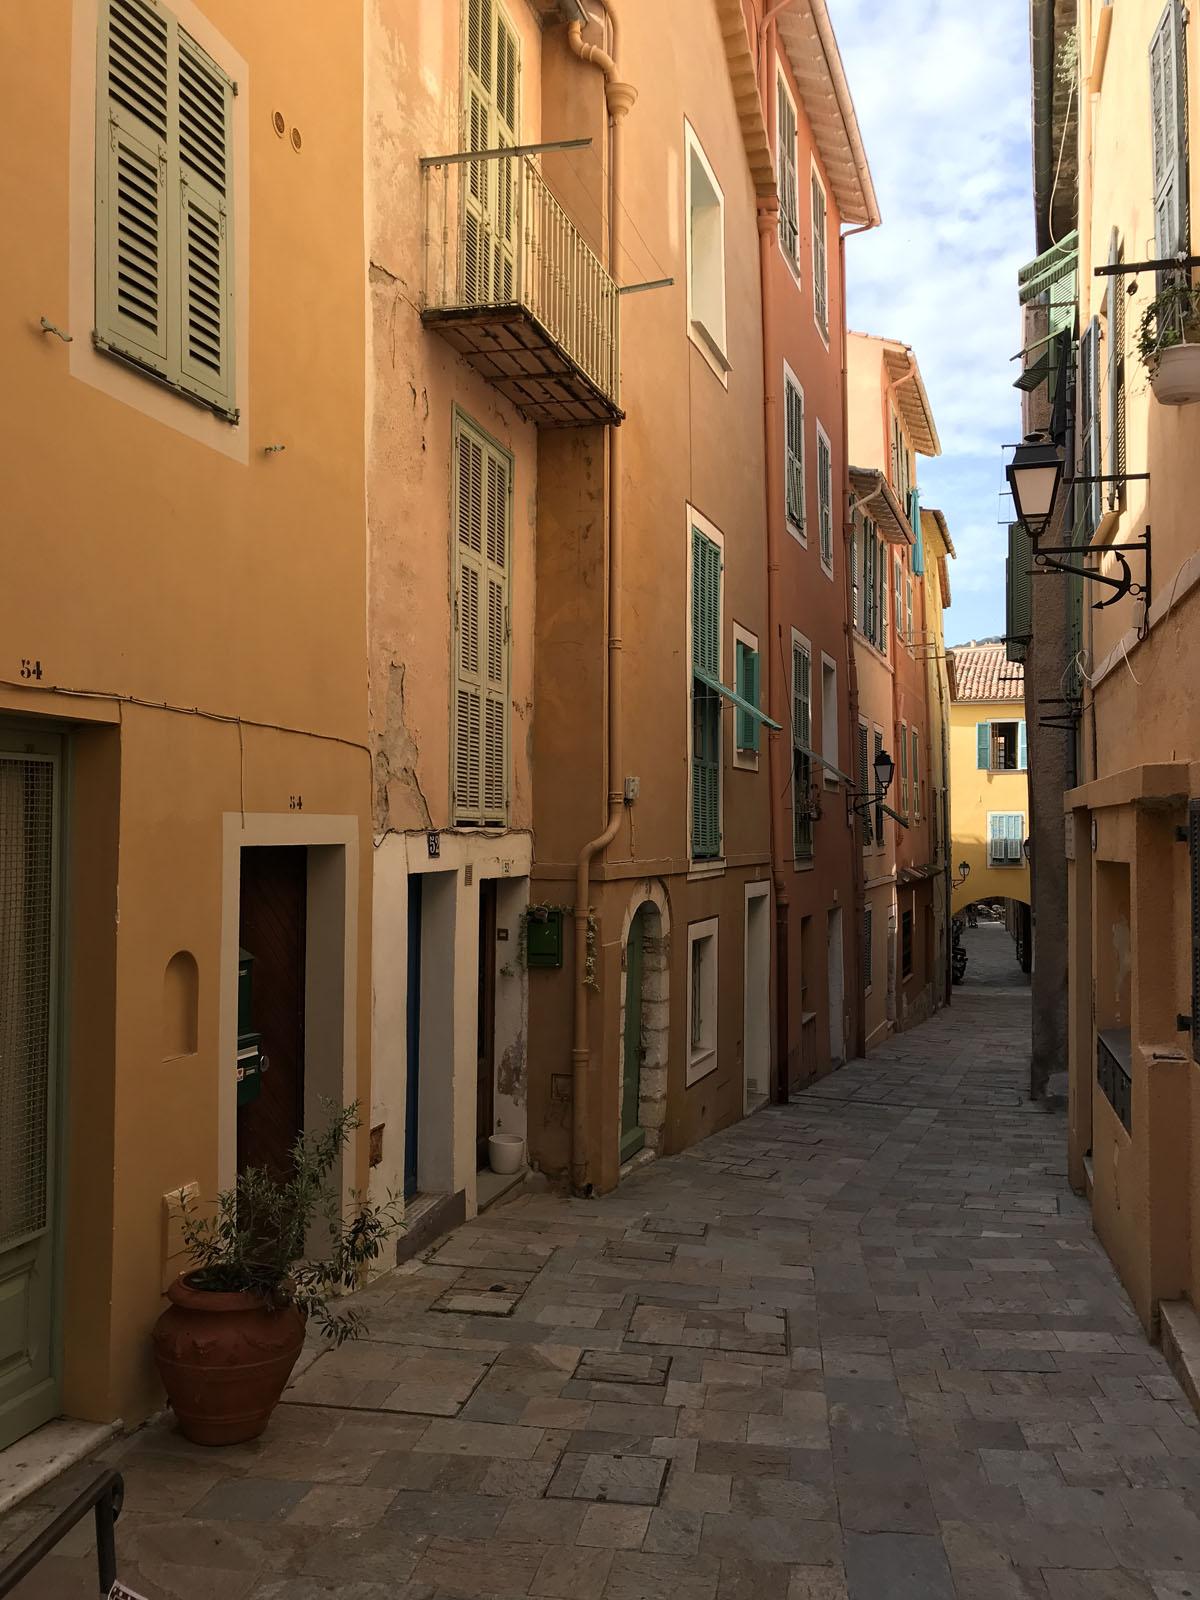 villefranche-sur-mer città vecchia